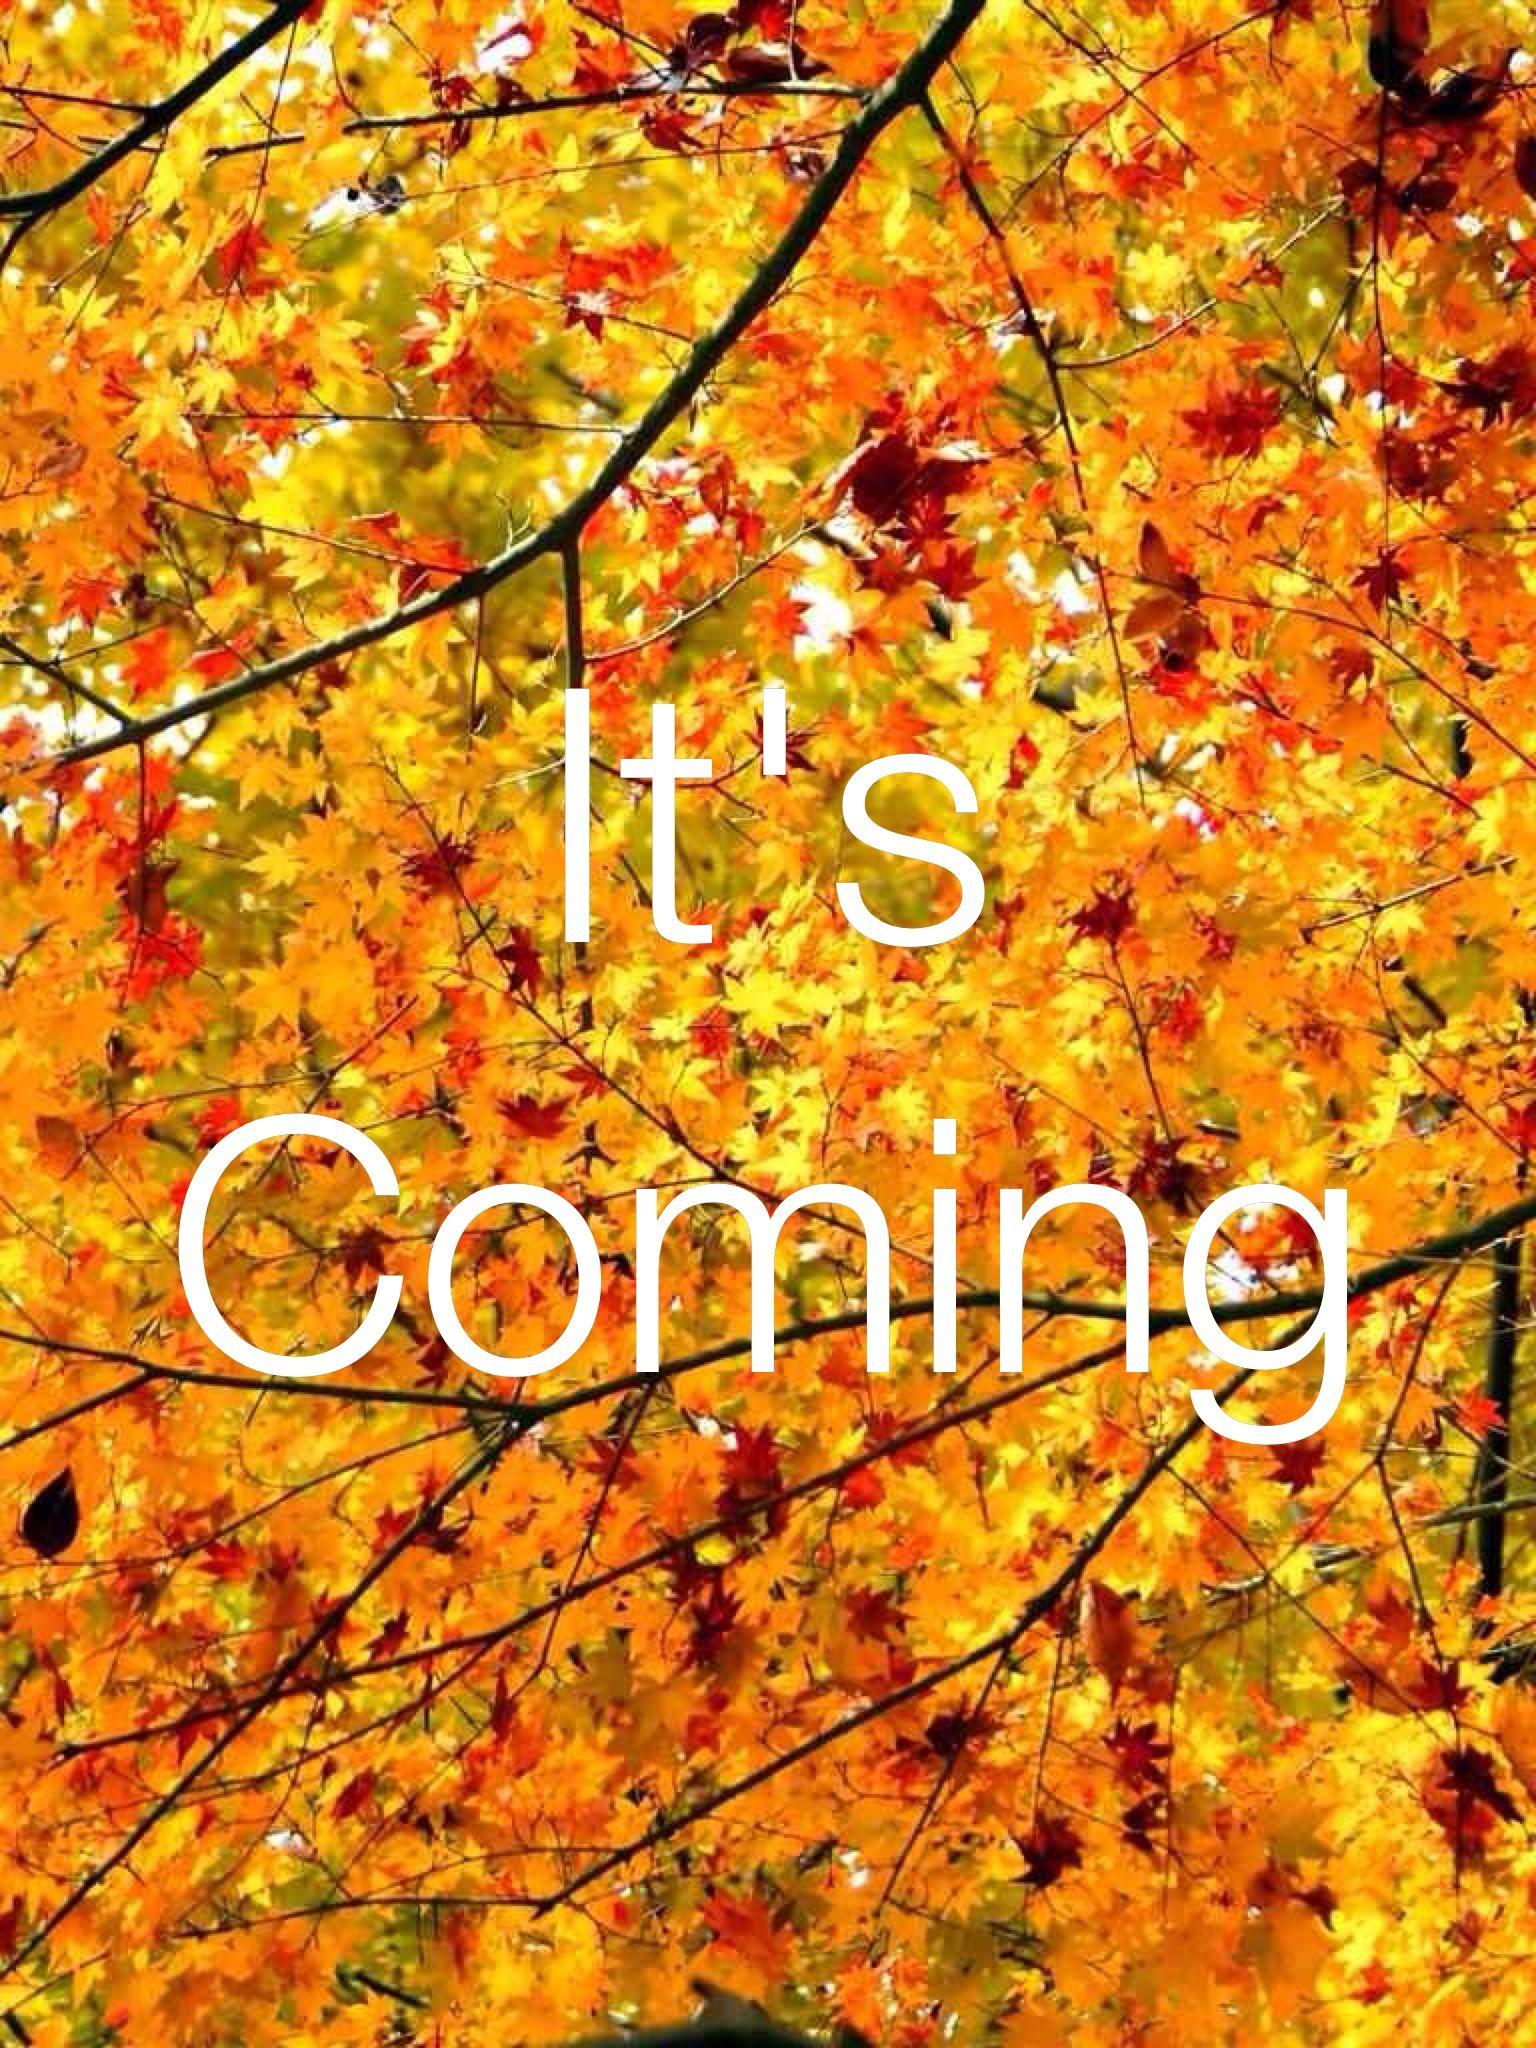 Ѽ Ѽ .Ѽ ; Ѽ'¯\.(↶ ↷)./¯'Ѽ `.☆.¸¸. Ѽ¸¸.☆.'ԼƠƔЄ/ Fall